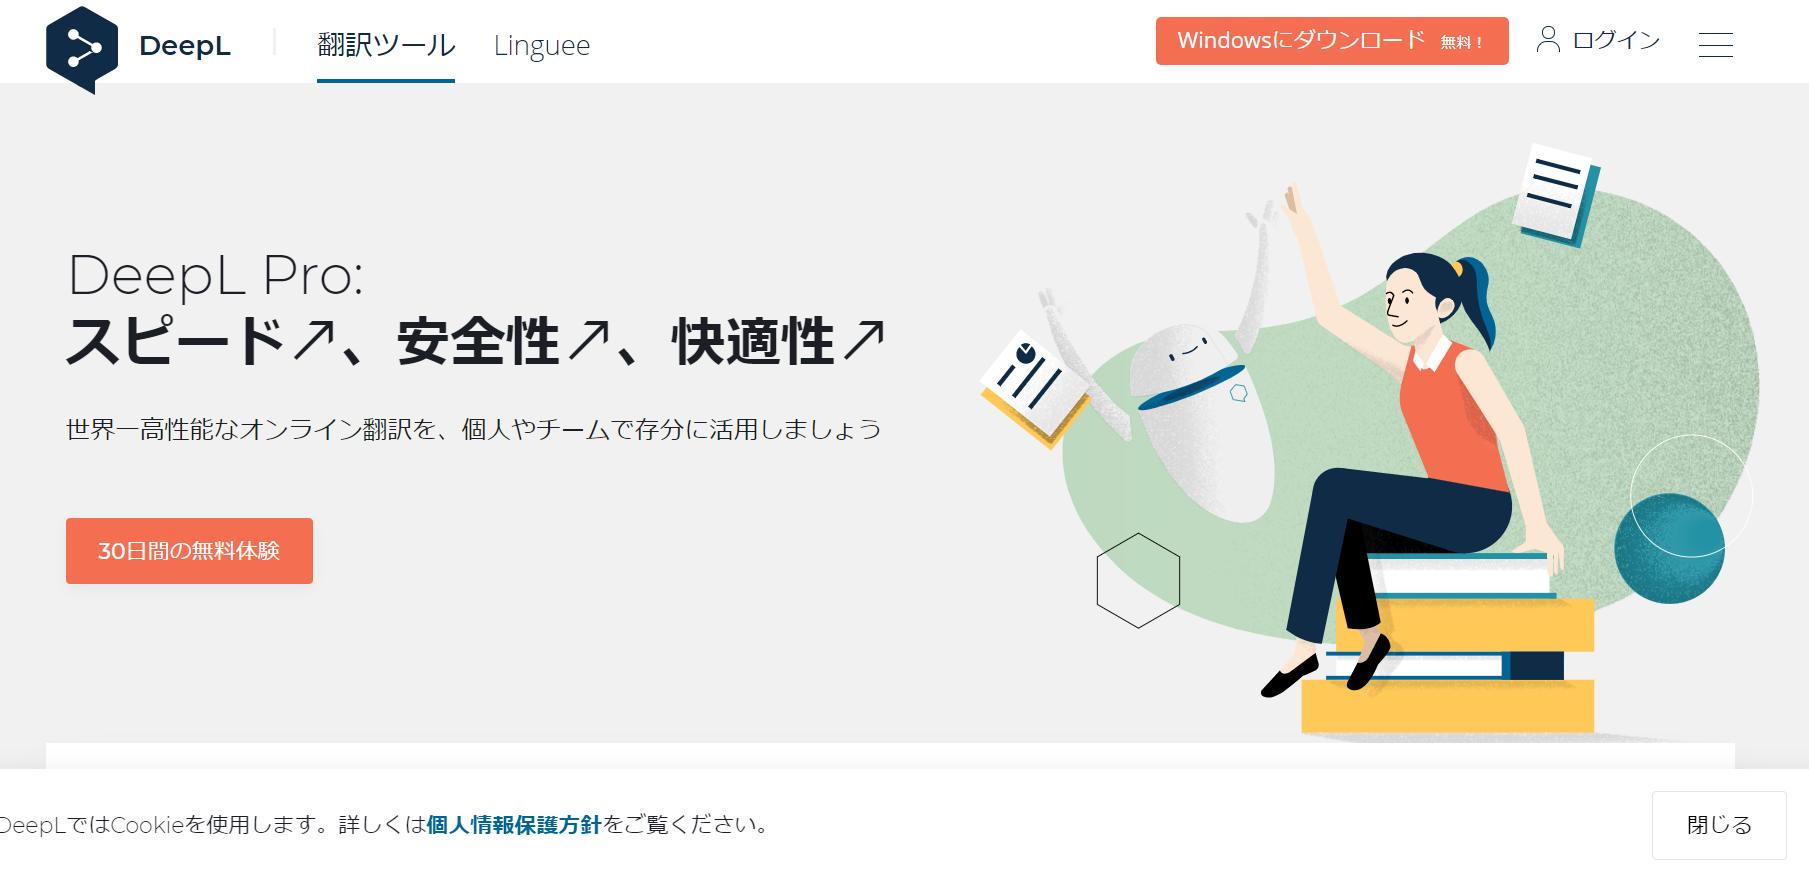 Google翻訳を超える?DeepL翻訳の便利な使い方 海外サービスの連絡に最適 - ラムネラボ